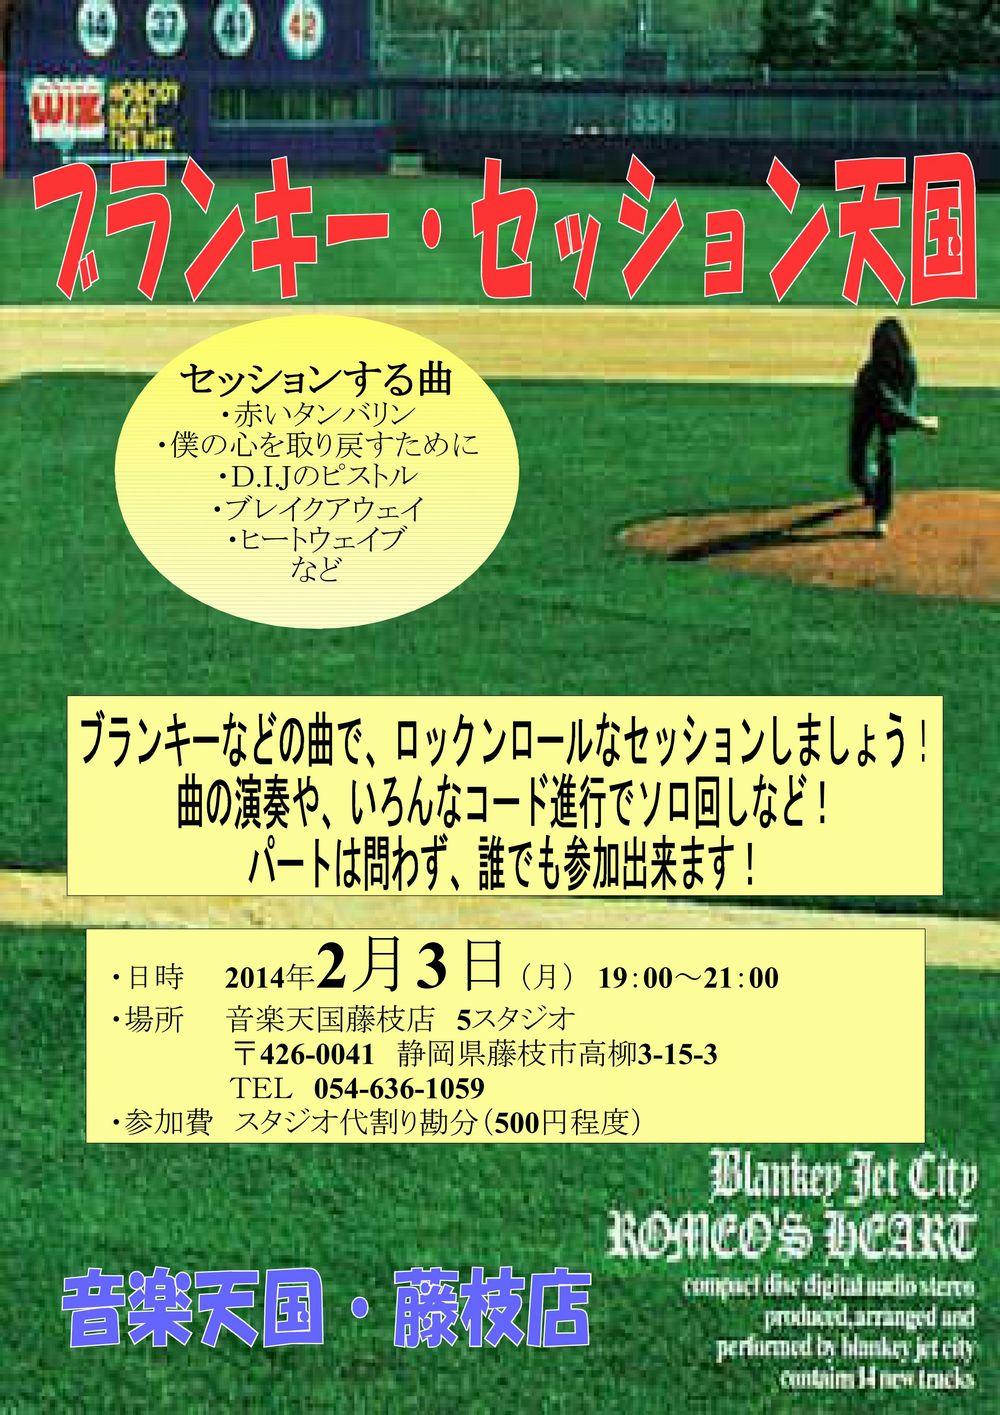 ブランキー・セッション天国@藤枝店2月3日(月)初開催